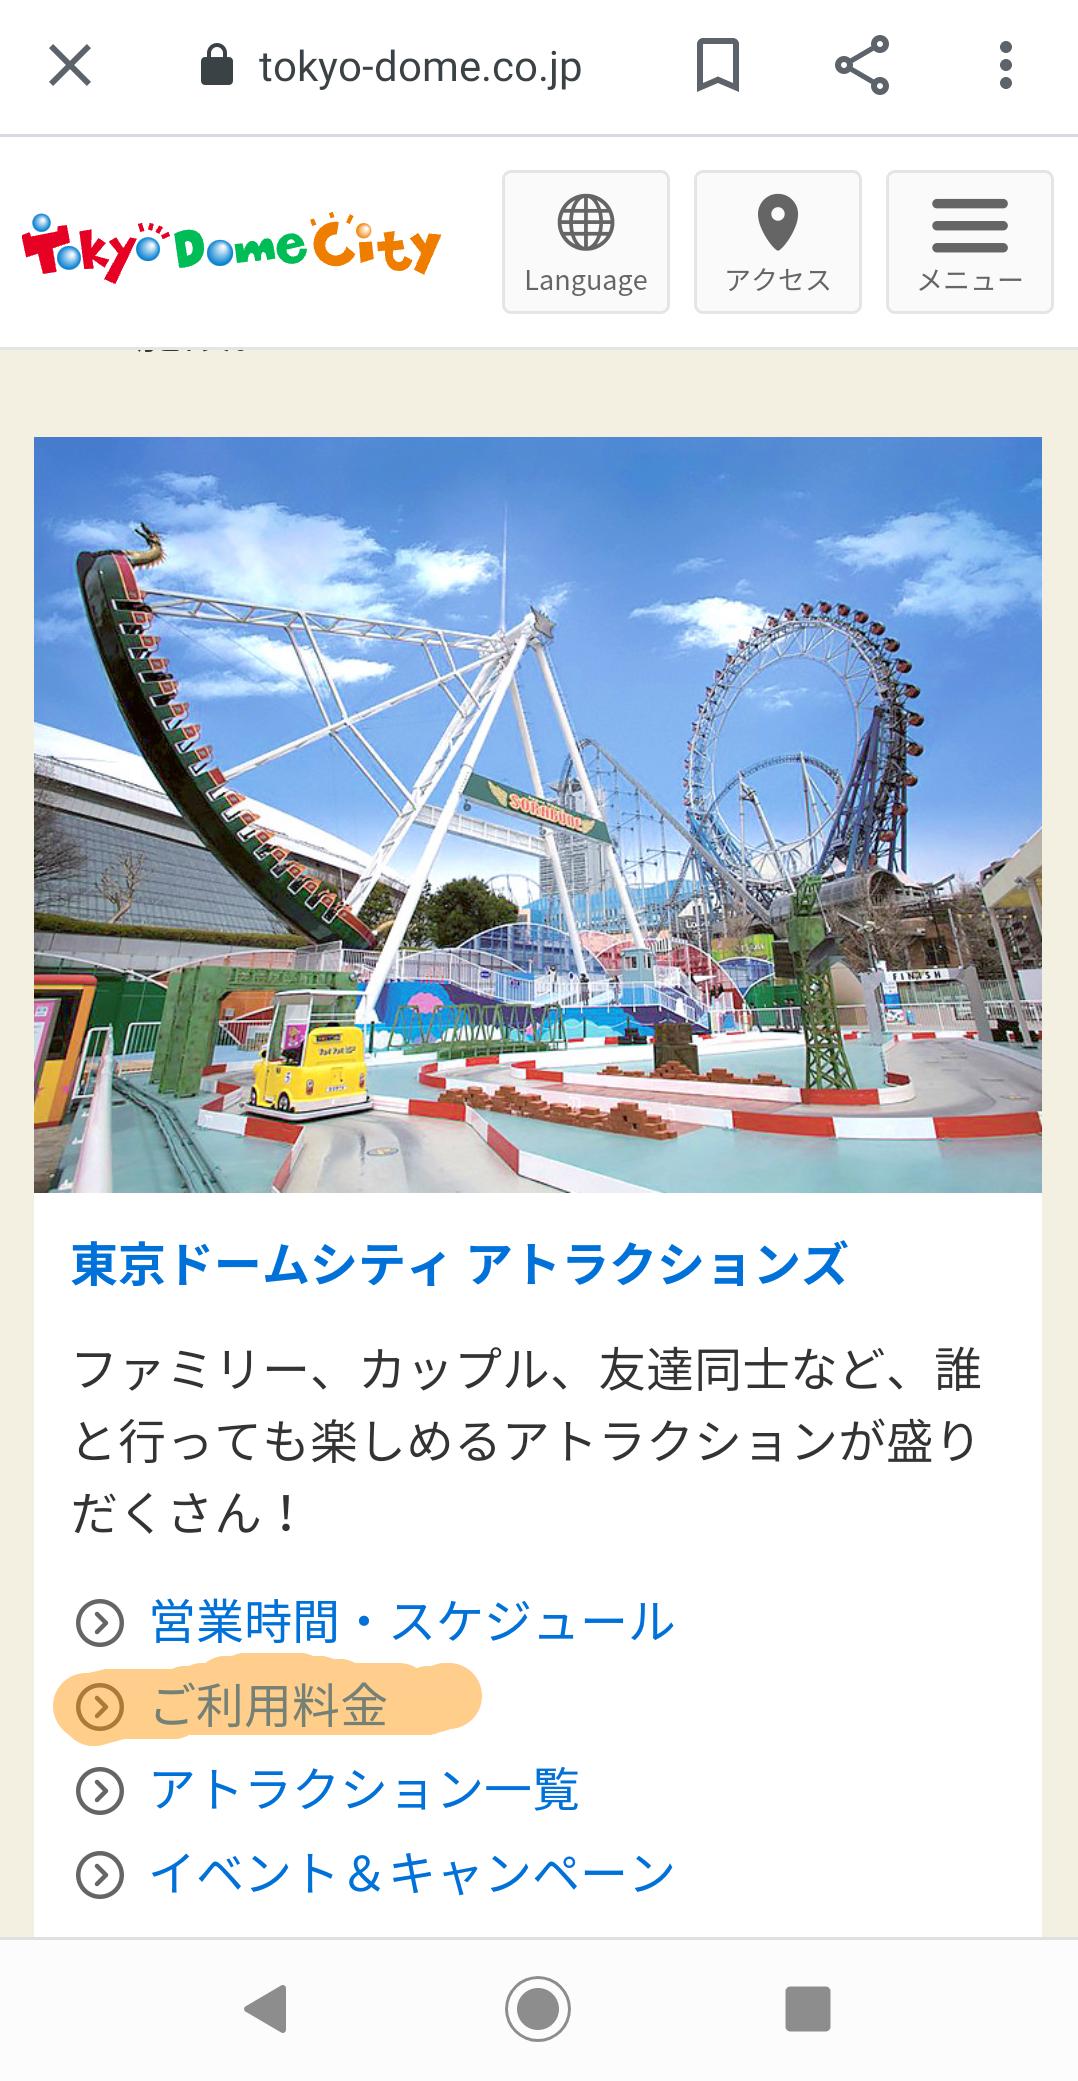 東京ドームシティのサブスクとは?料金比較やネットなどでの買い方も2